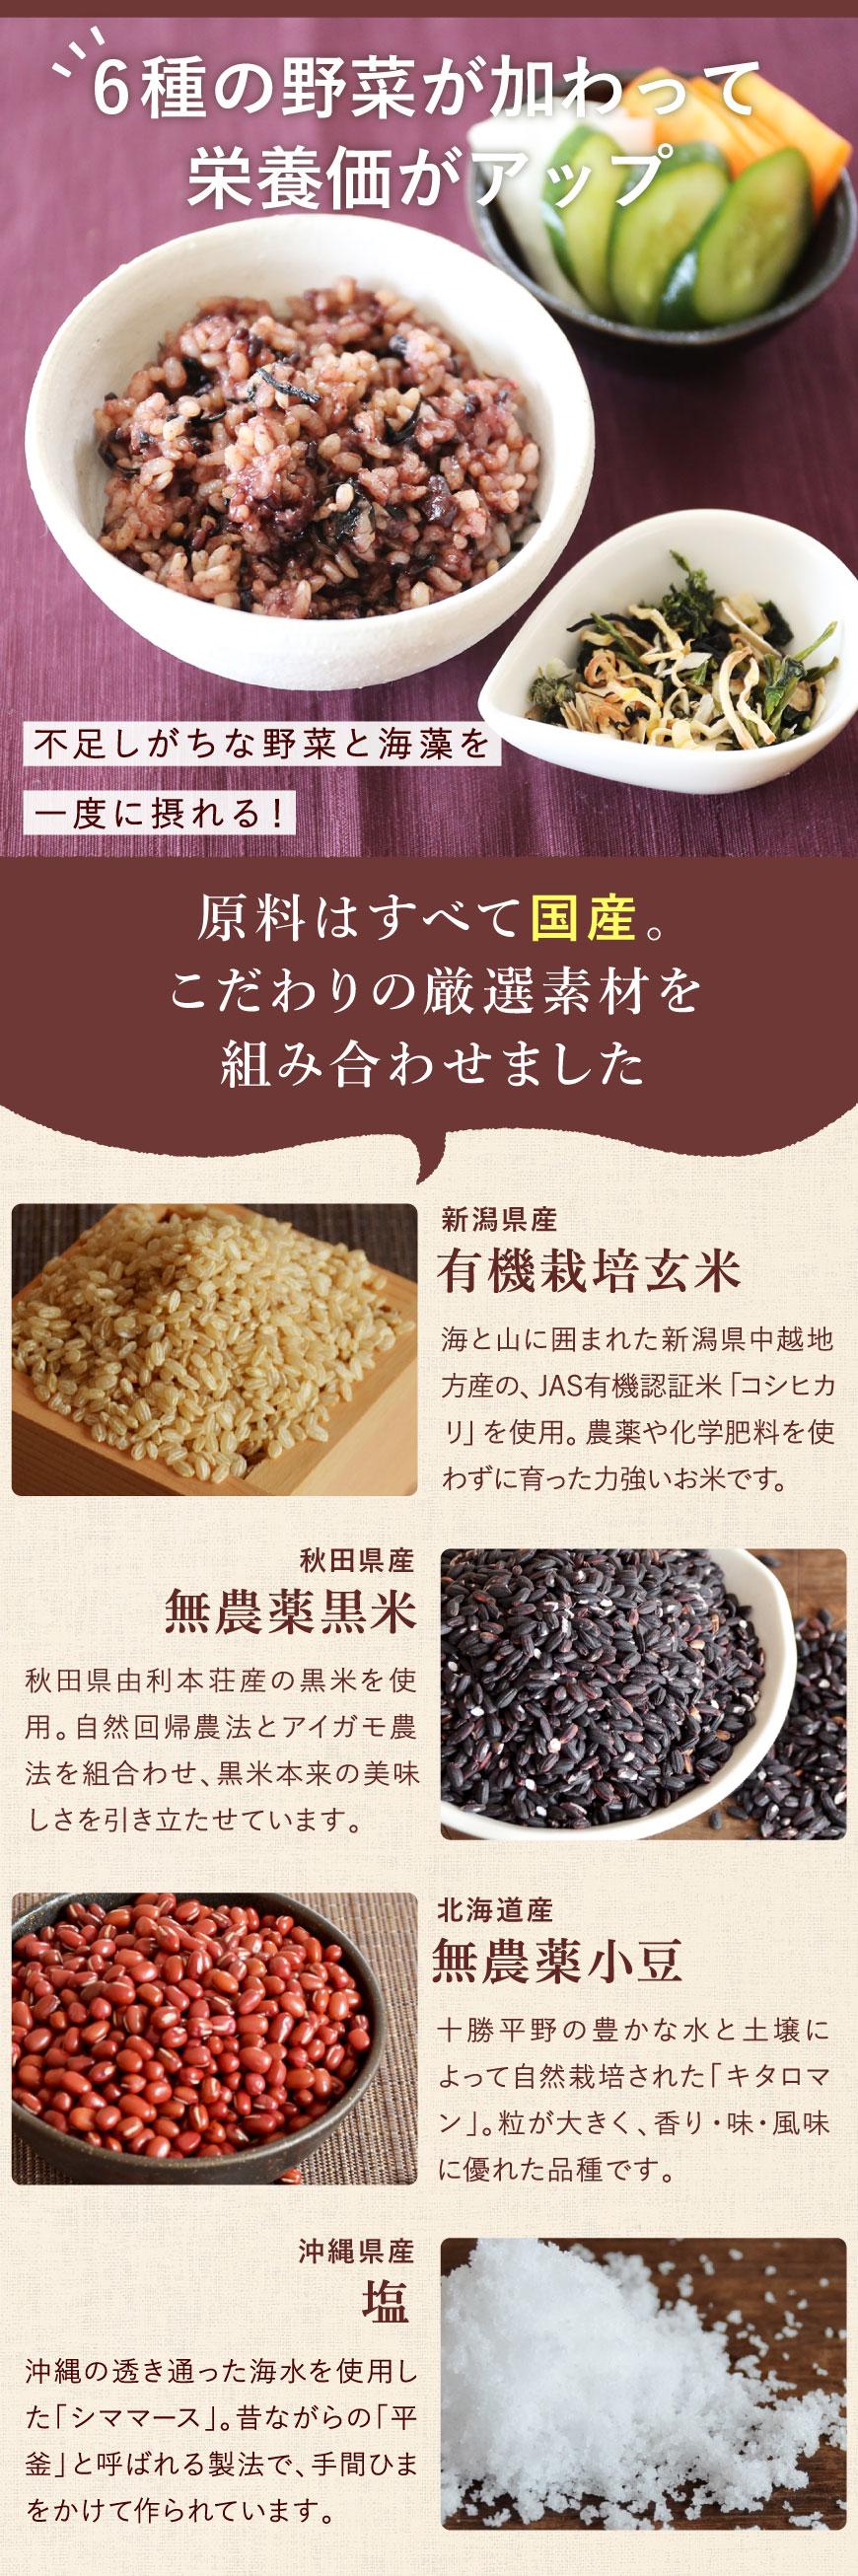 酵素玄米のこだわりの原料